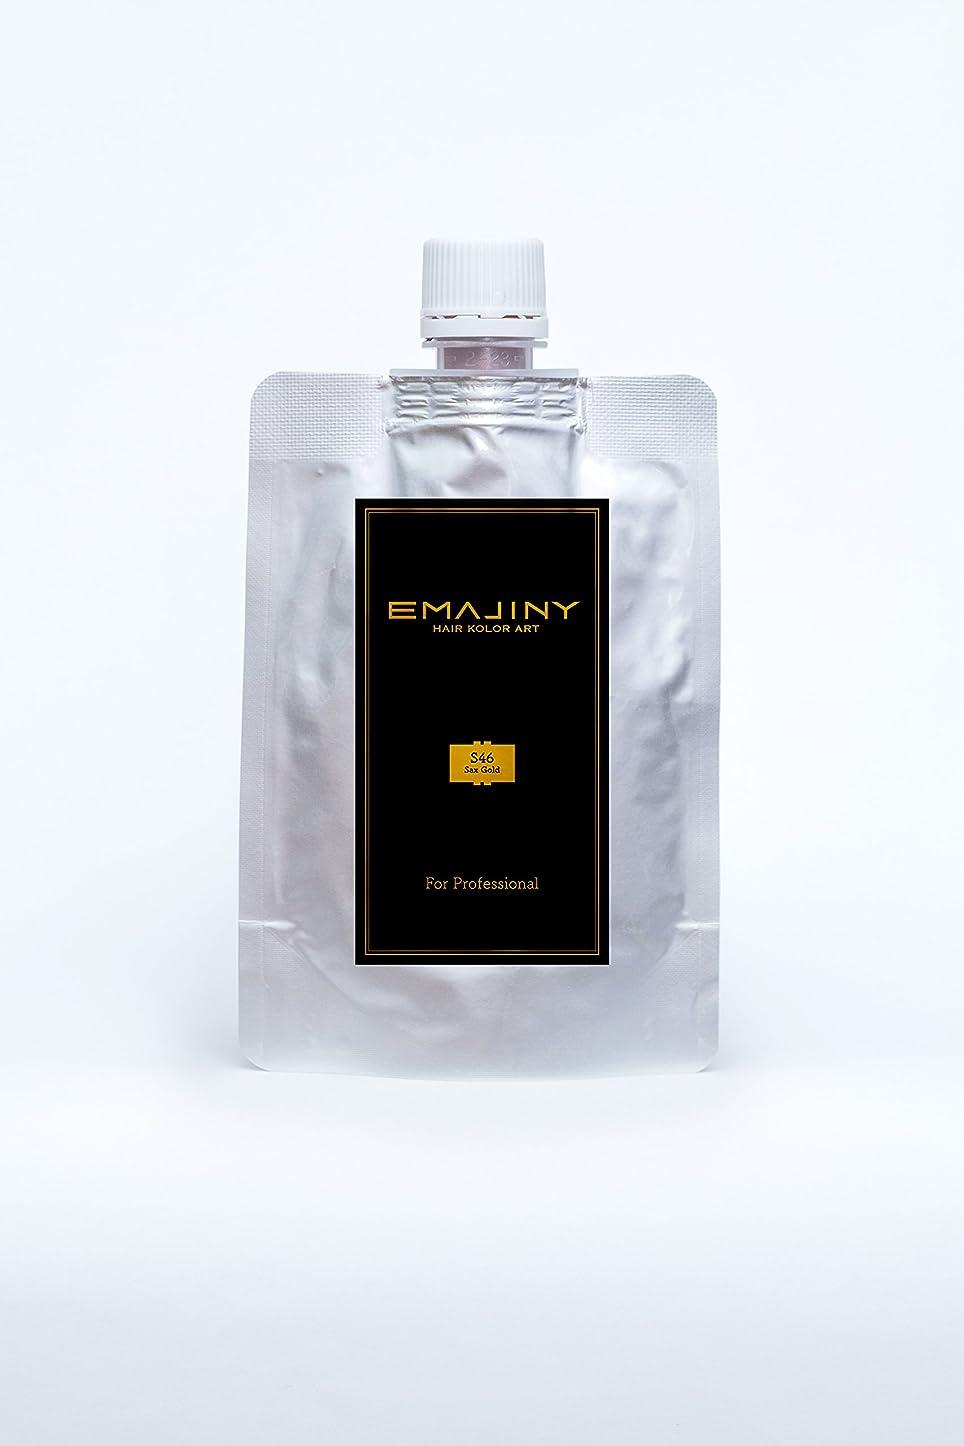 パッドブローホールアクセサリーEMAJINY Sax Gold S46(ゴールドカラーワックス)金プロフェッショナル100g大容量パック【日本製】【無香料】